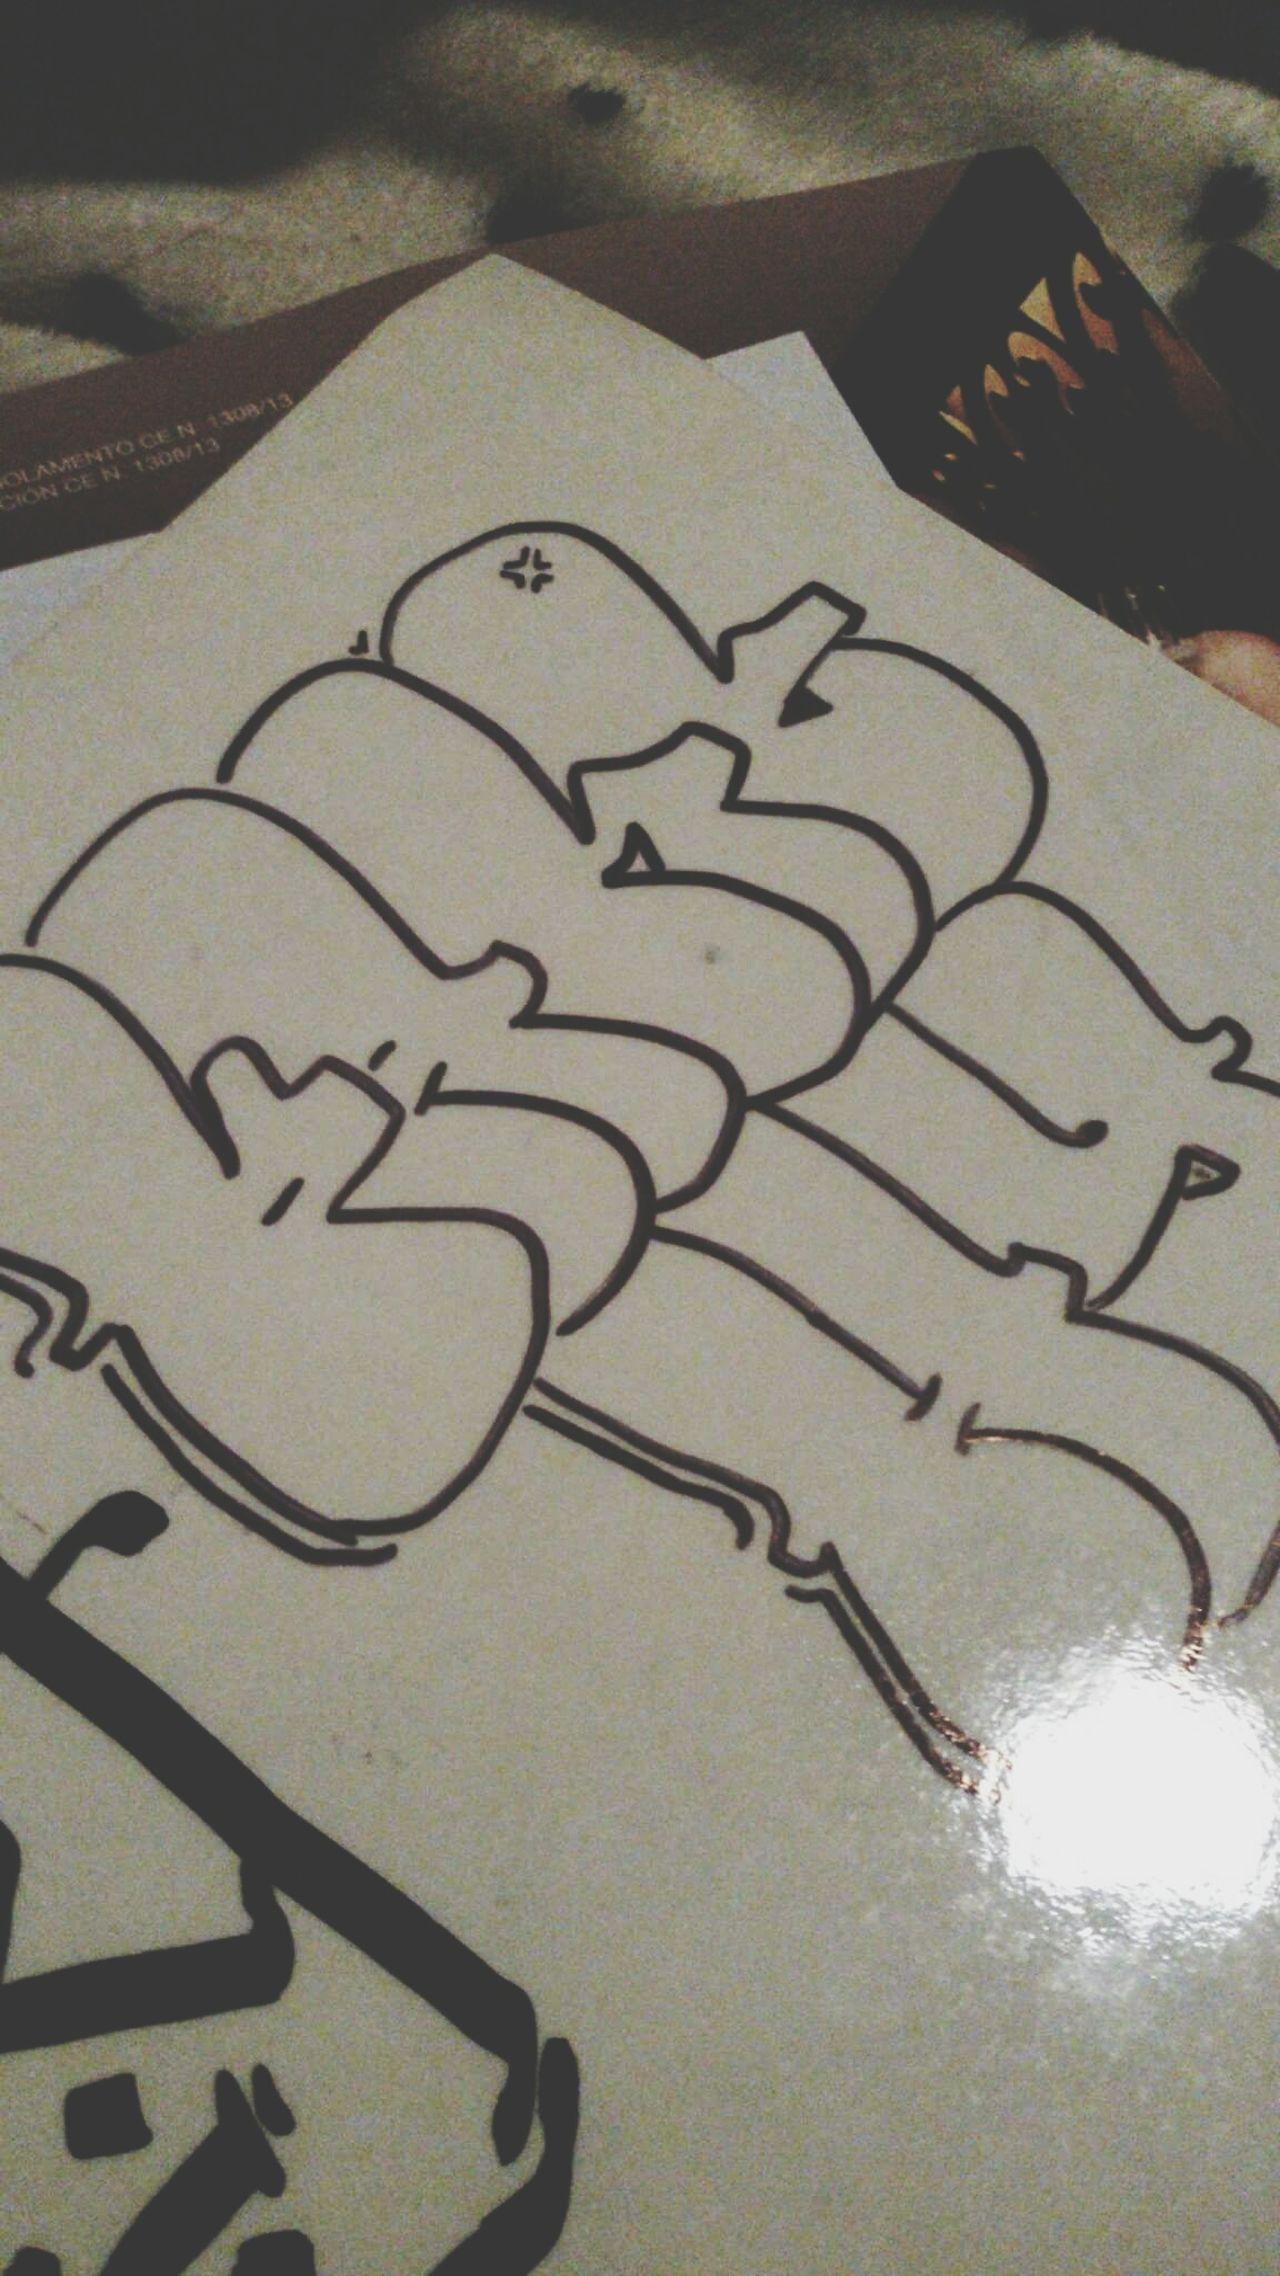 panchy. ✏ Letras (Lyrics) Pencil And Paper